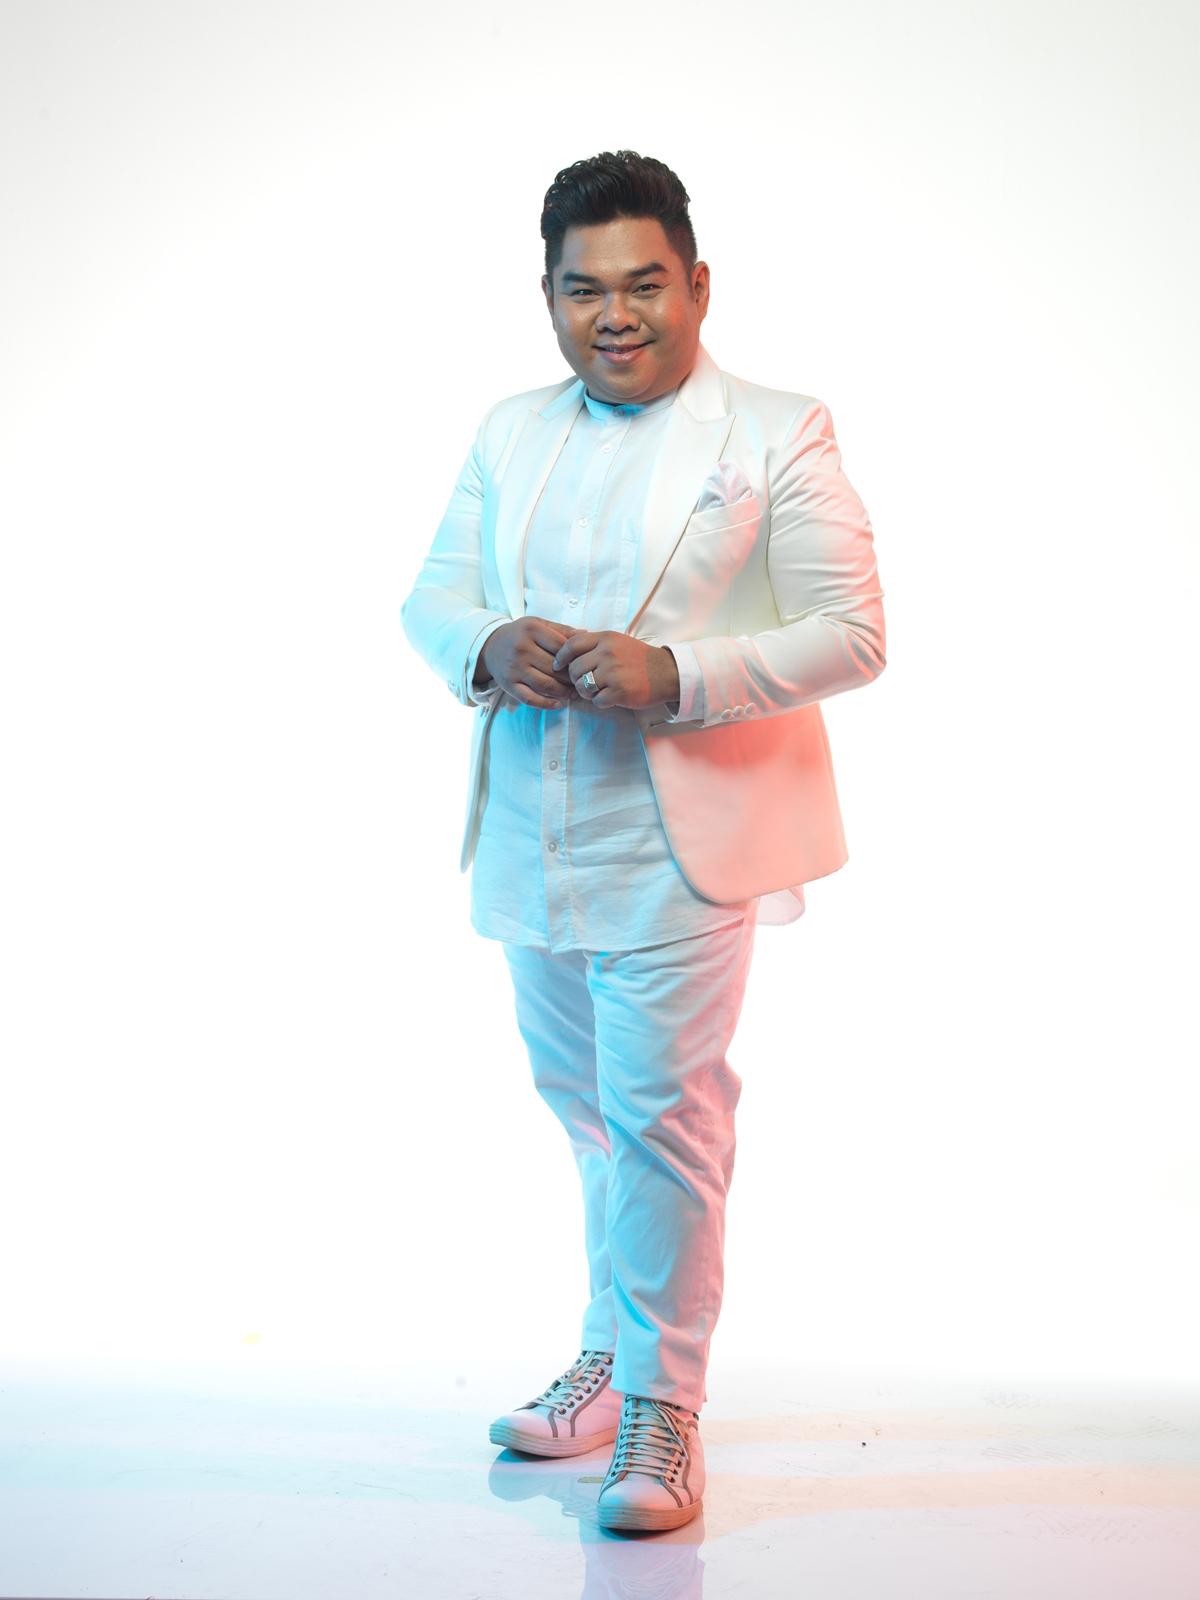 AFMEGASTAR 2017 - Senarai Peserta, Senarai Lagu & Keputusan Konsert Mingguan Akademi Fantasia Mega Star 2017